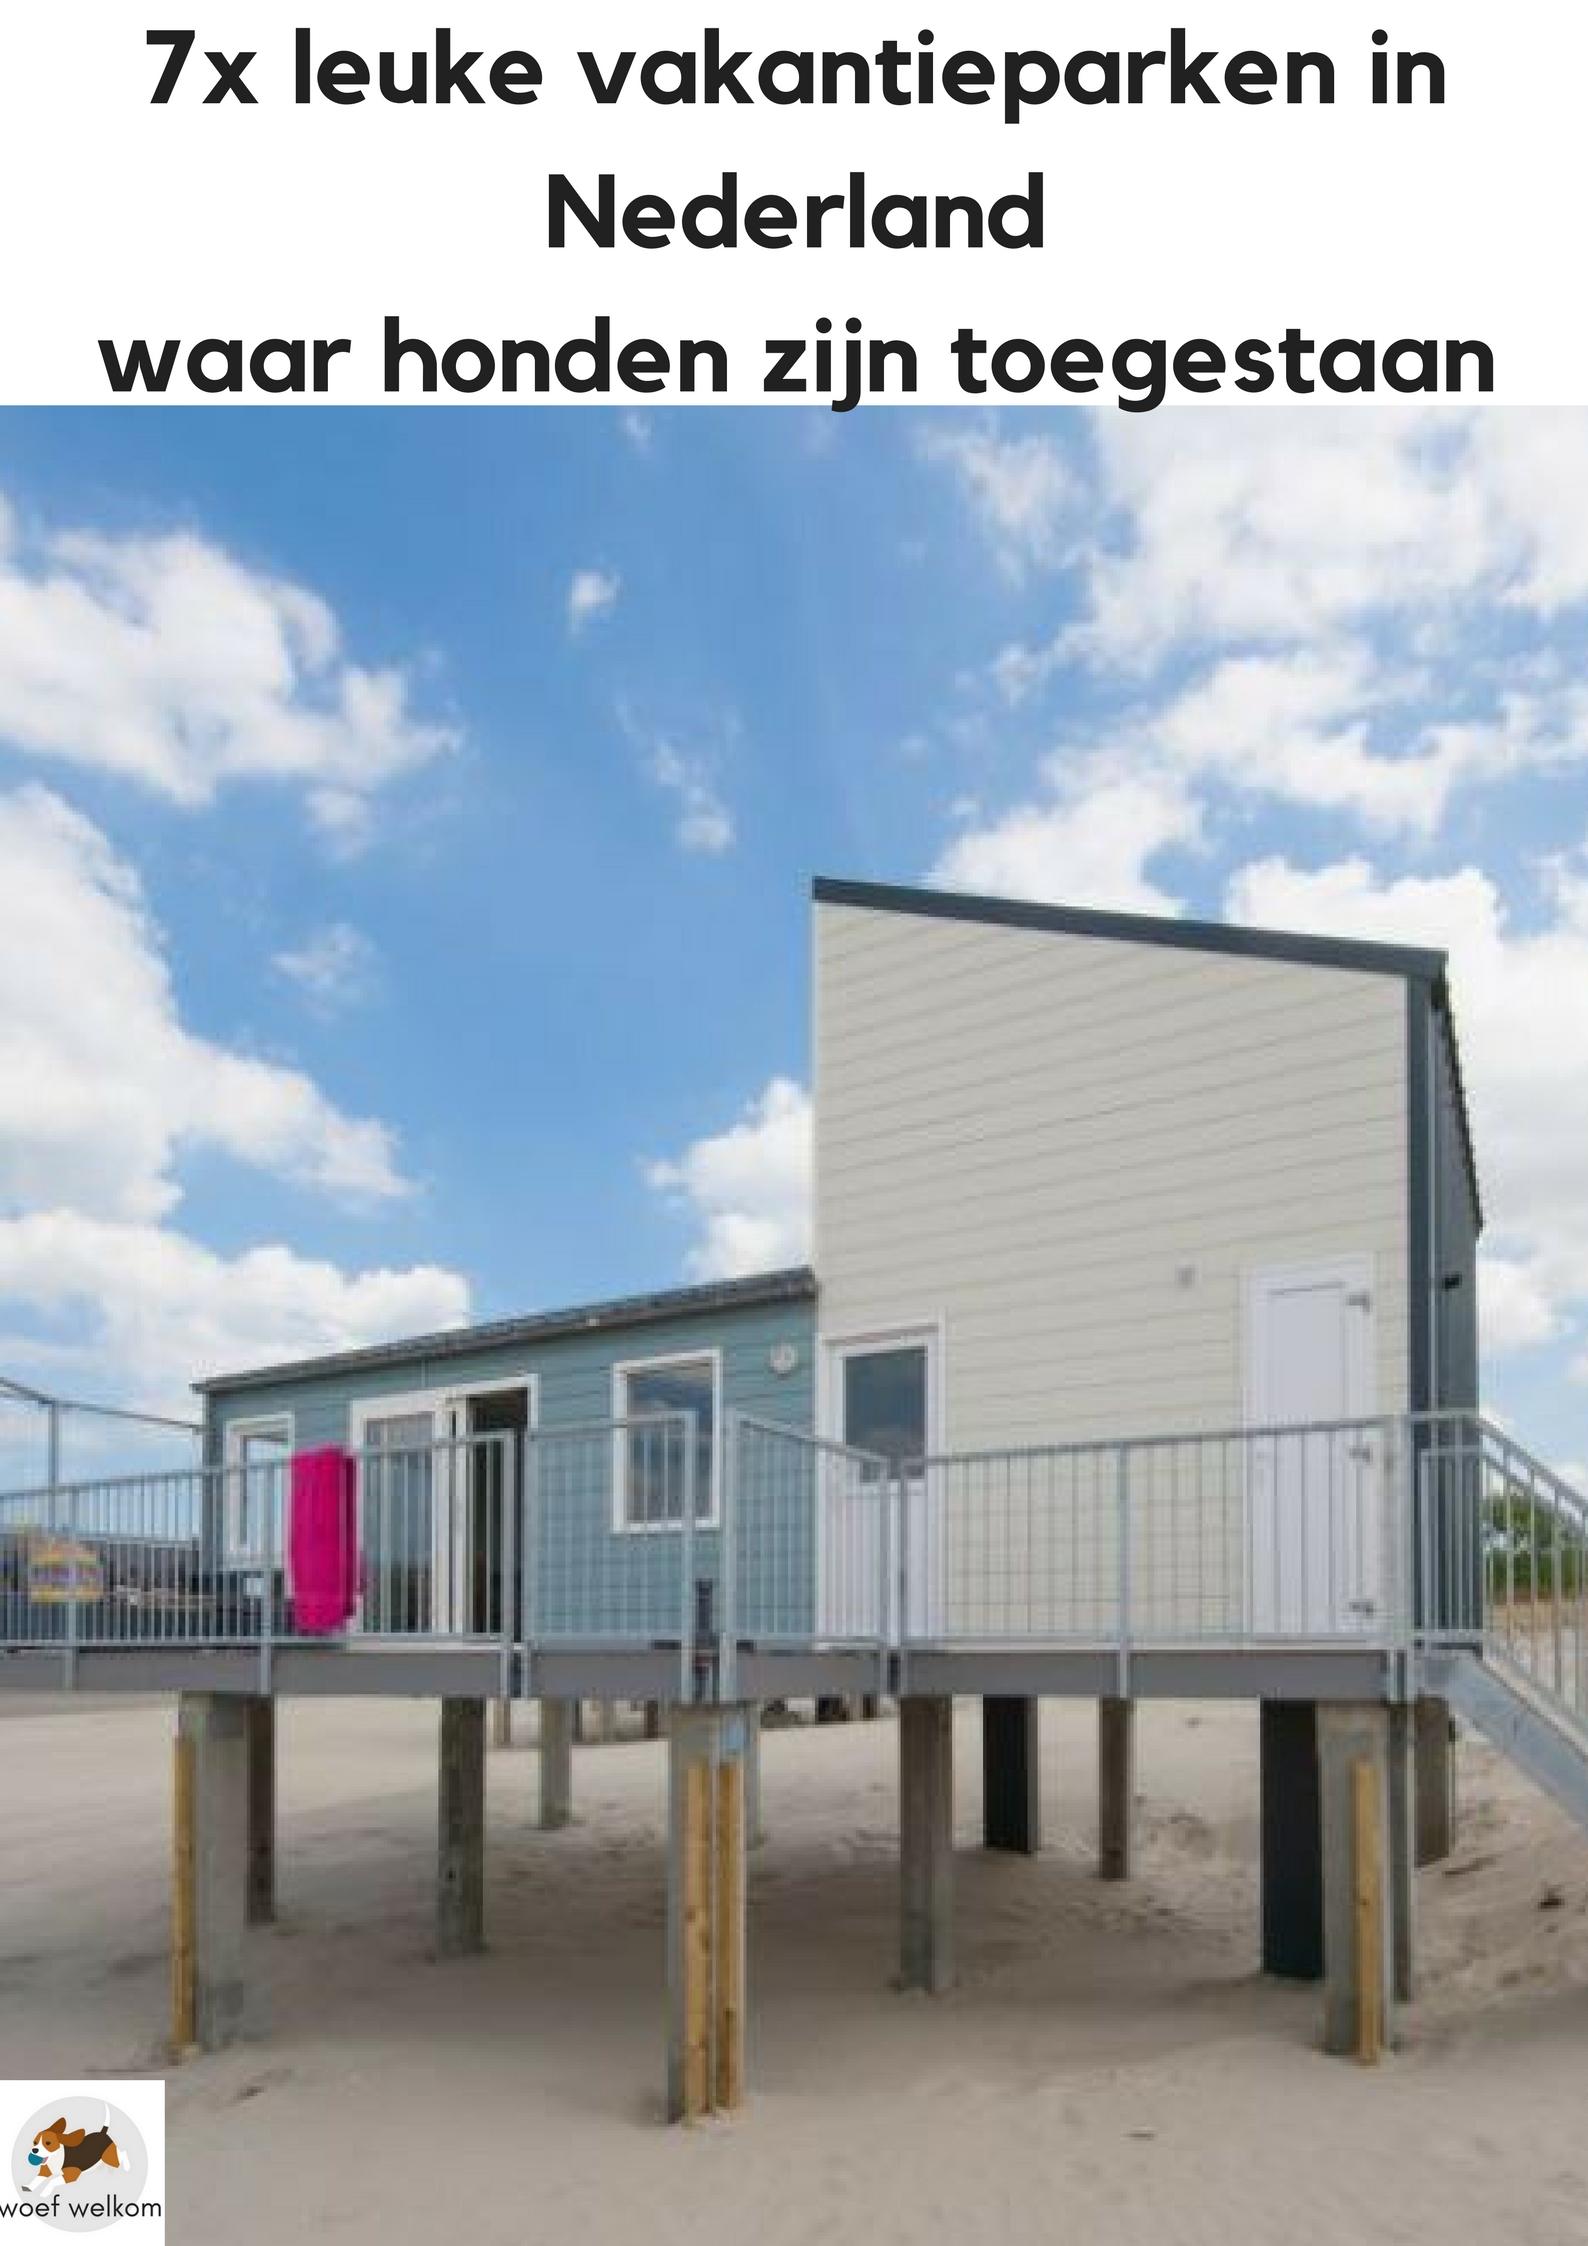 7x leuke vakantieparken in Nederland waar honden zijn toegestaan - Woef Welkom